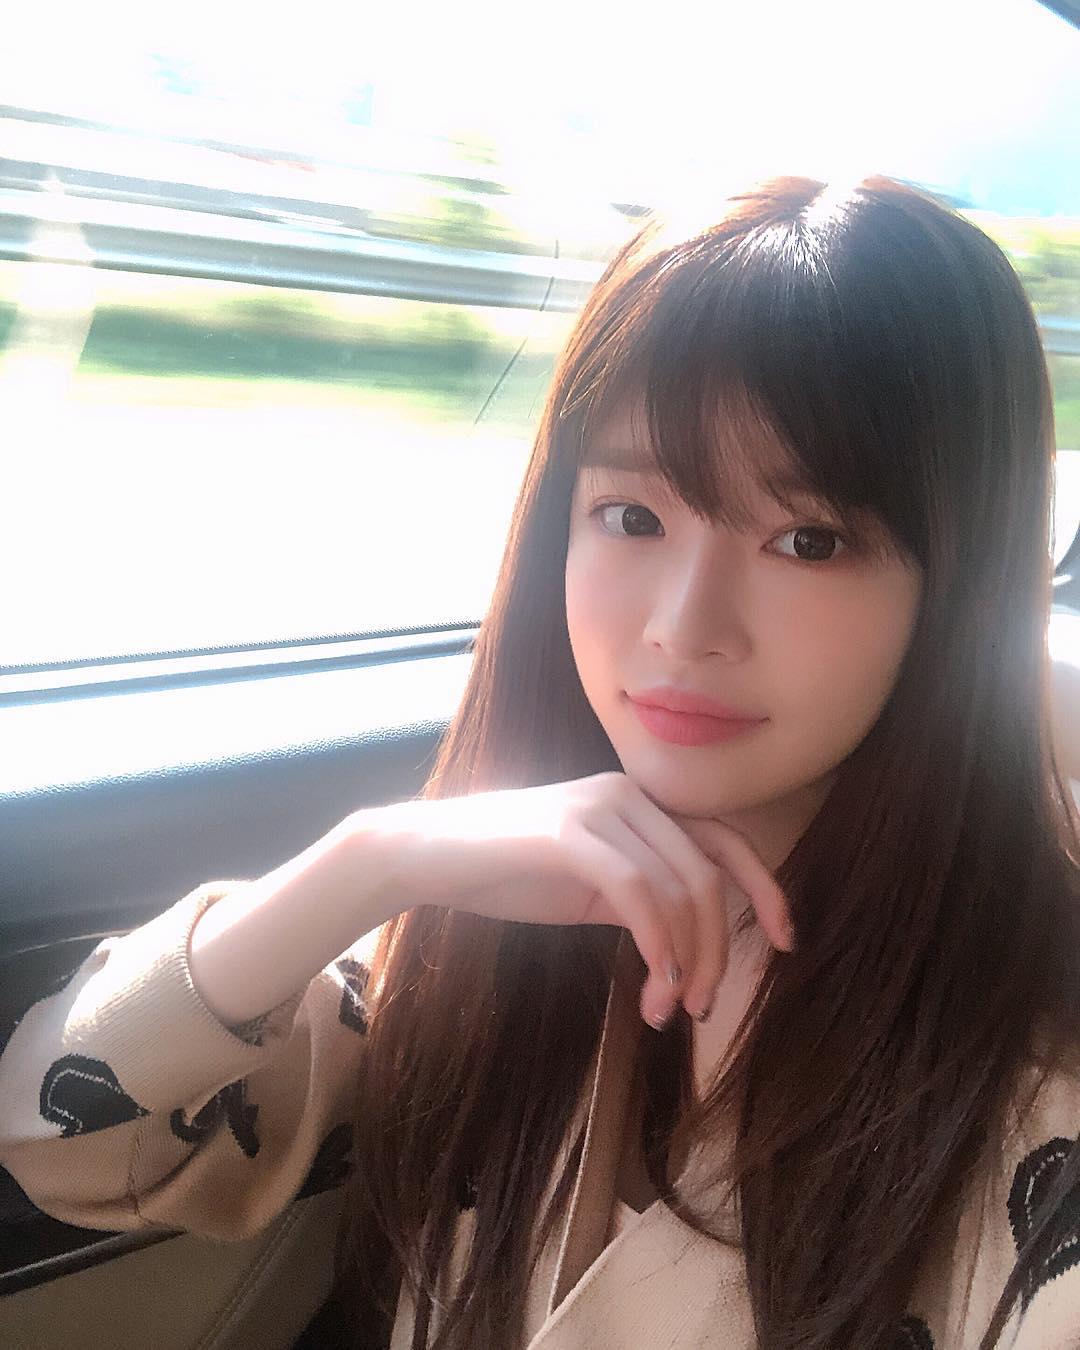 目前勝利所屬的YG娛樂還沒有任何回應,兩人是不是在交往就要等公司的公告。不過女方真的太正啦!大家怎麼看呢?